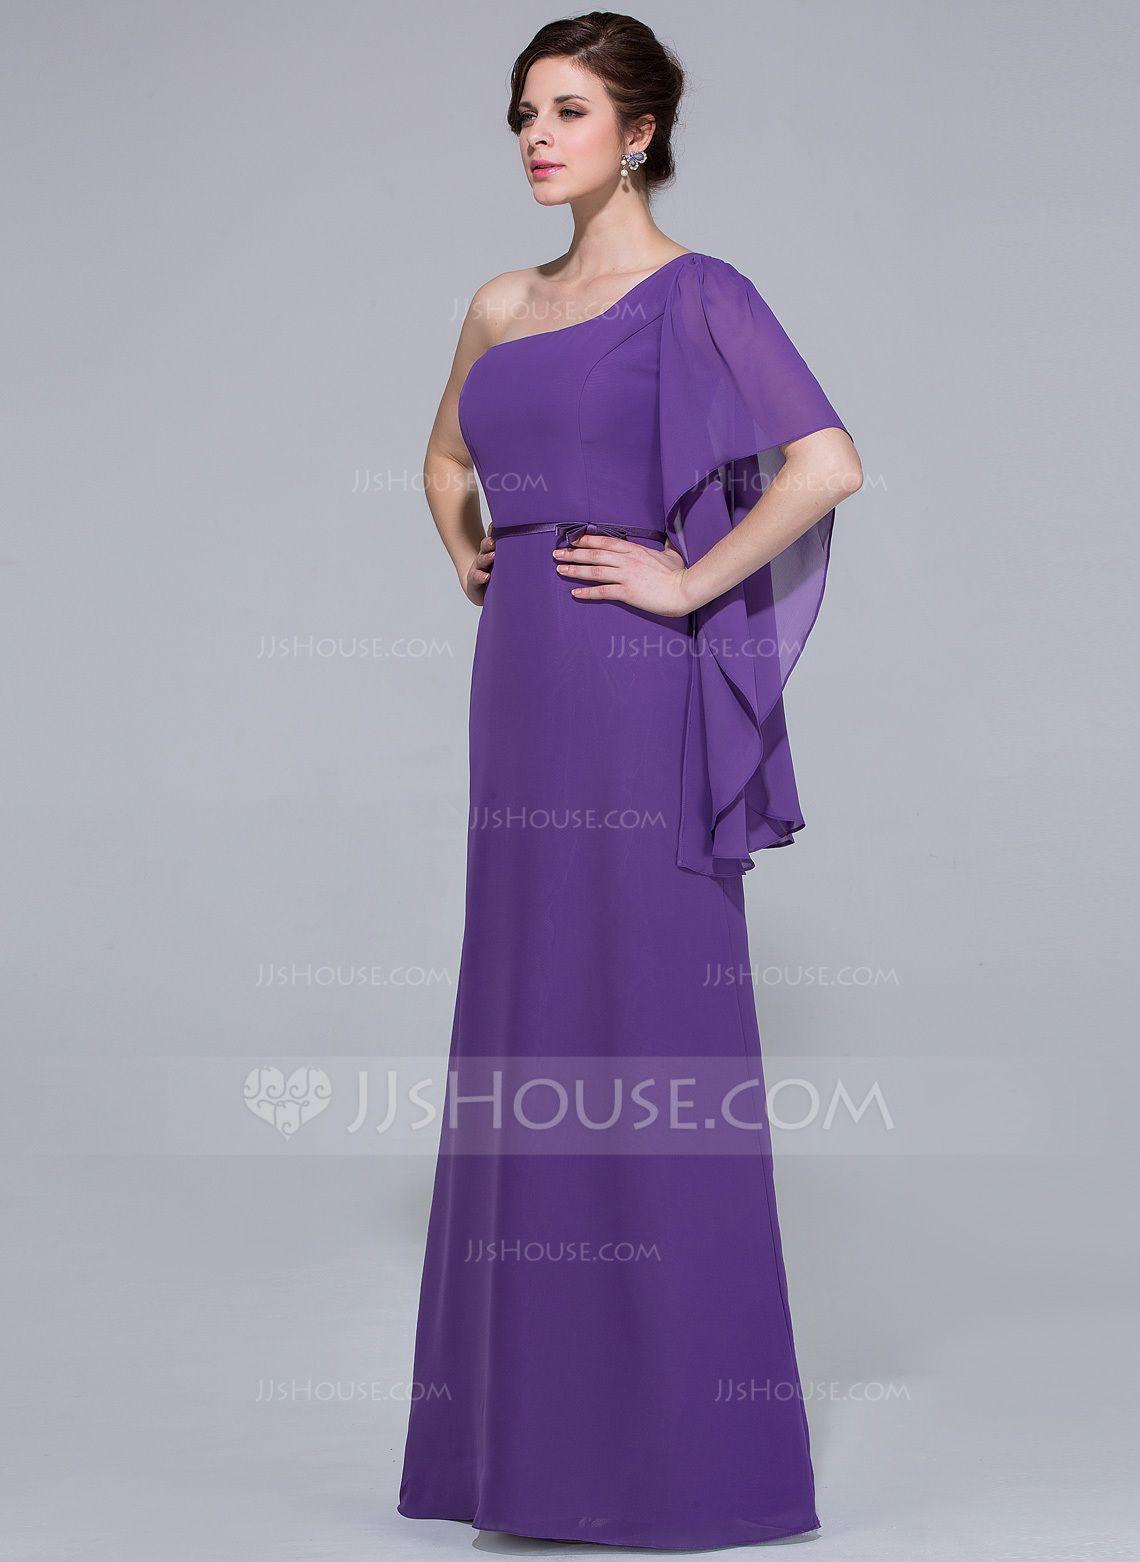 Asombroso Dónde Puedo Comprar Vestidos De Dama De Honor Baratos ...